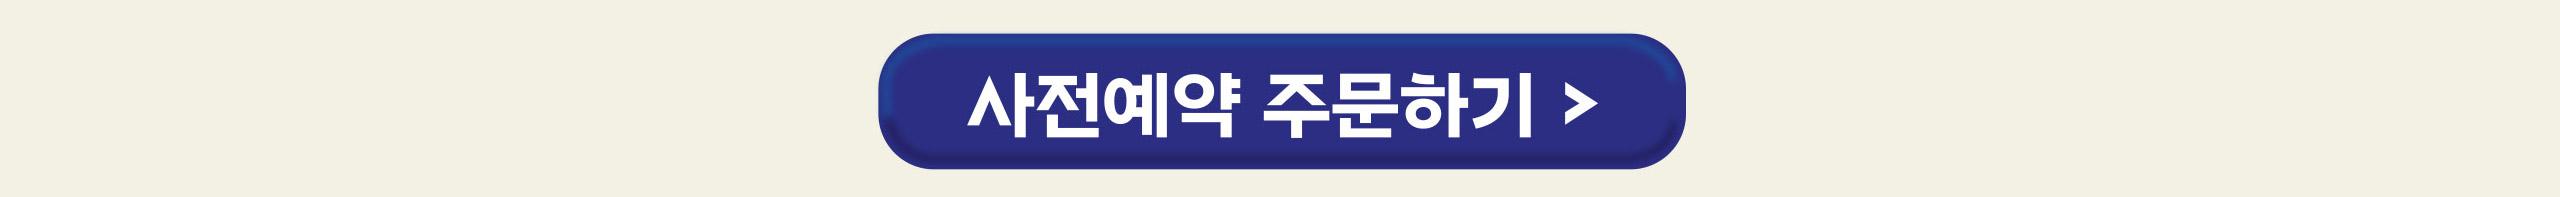 0902_제주마음샌드_상세수정_웹_02